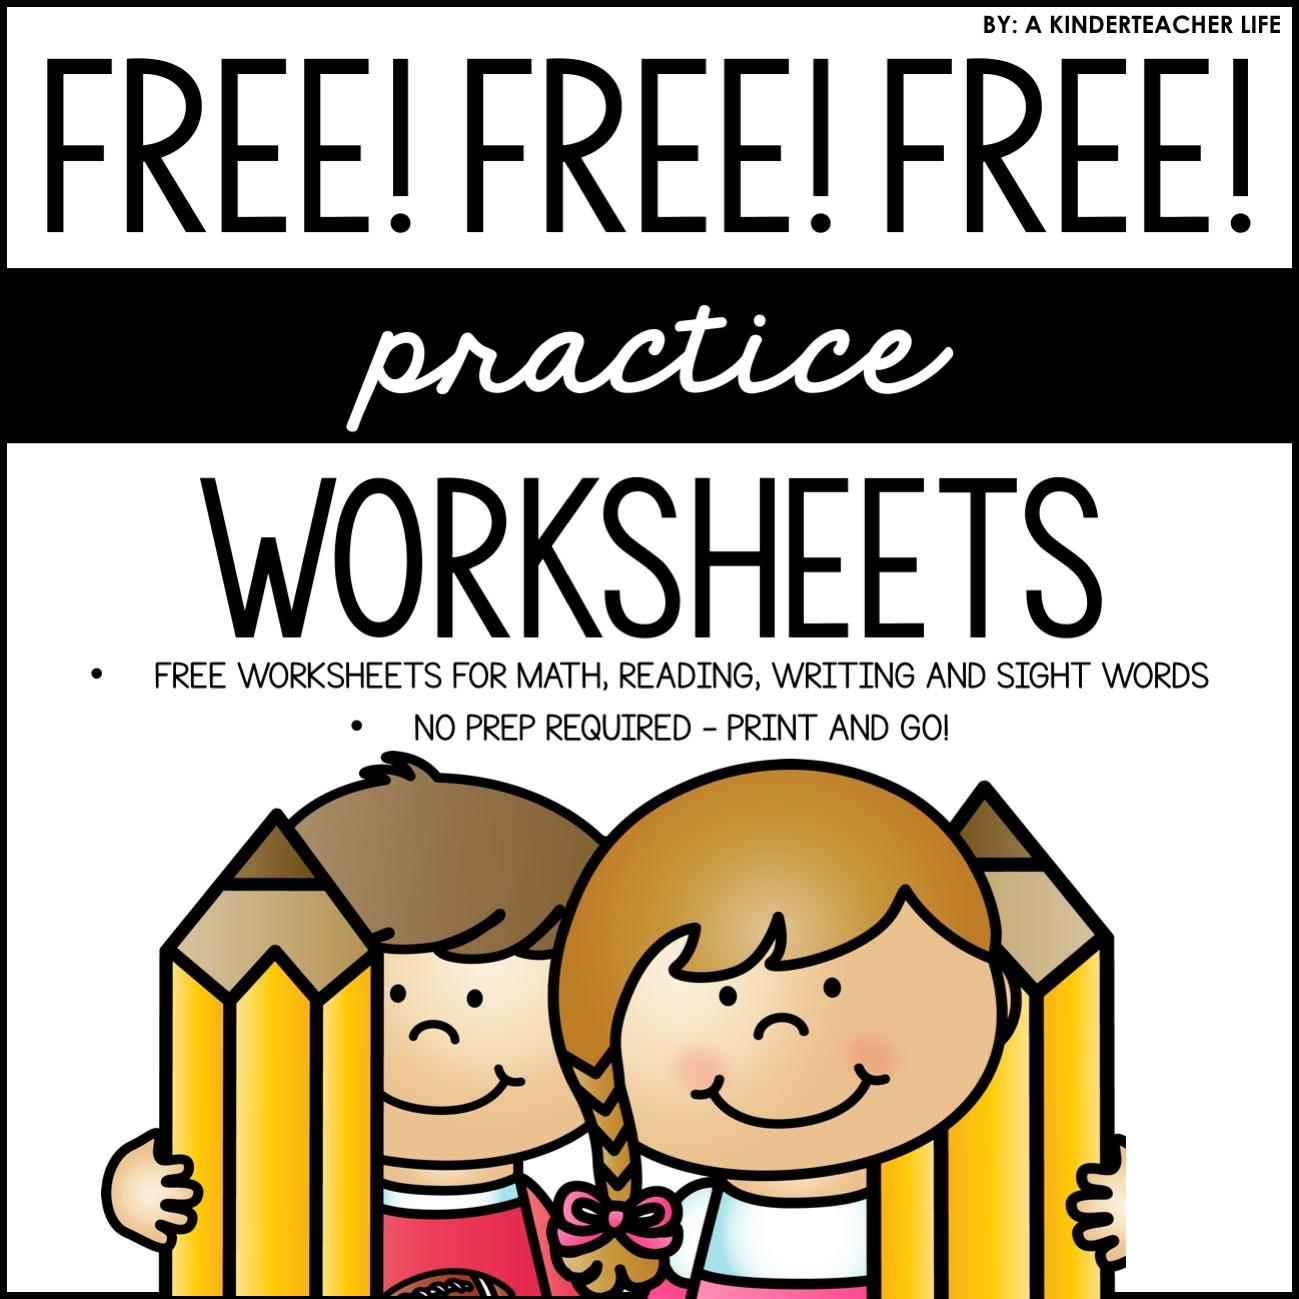 Free Practice No Prep Worksheets Kindergarten